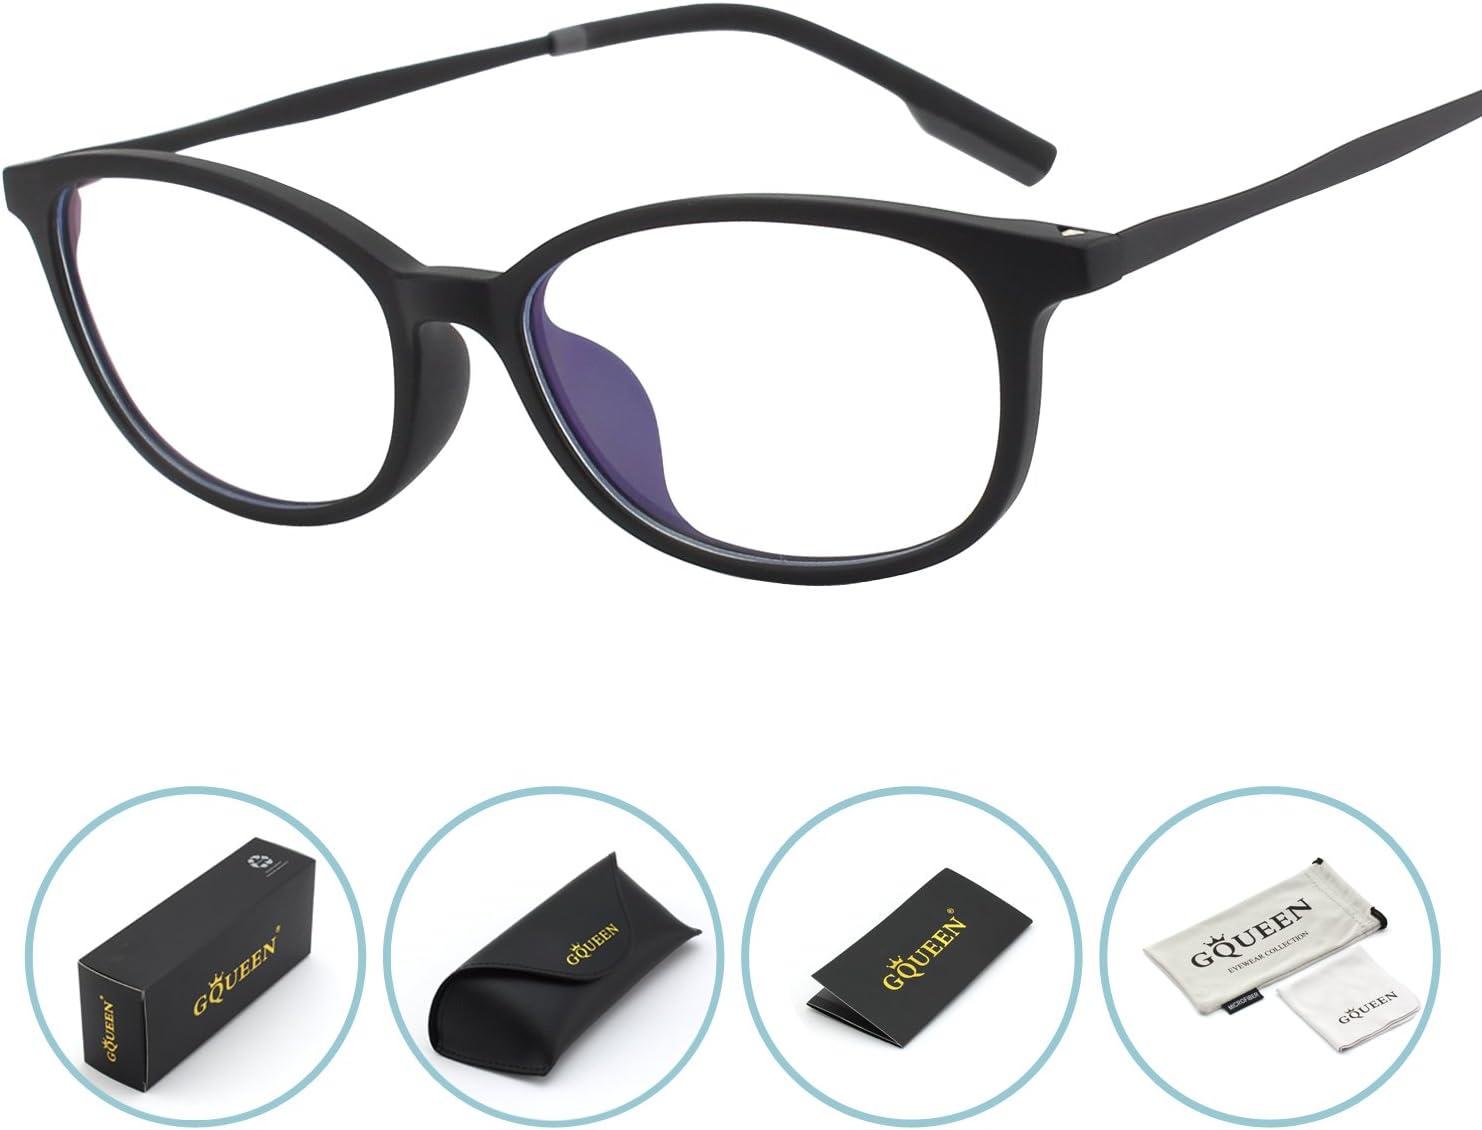 GQUEEN Gafas Protectoras con Bloqueo de luz Azul, Fatiga Ocular antideslumbrante con Lente Transparente con Marco Mate TR90, GQ78